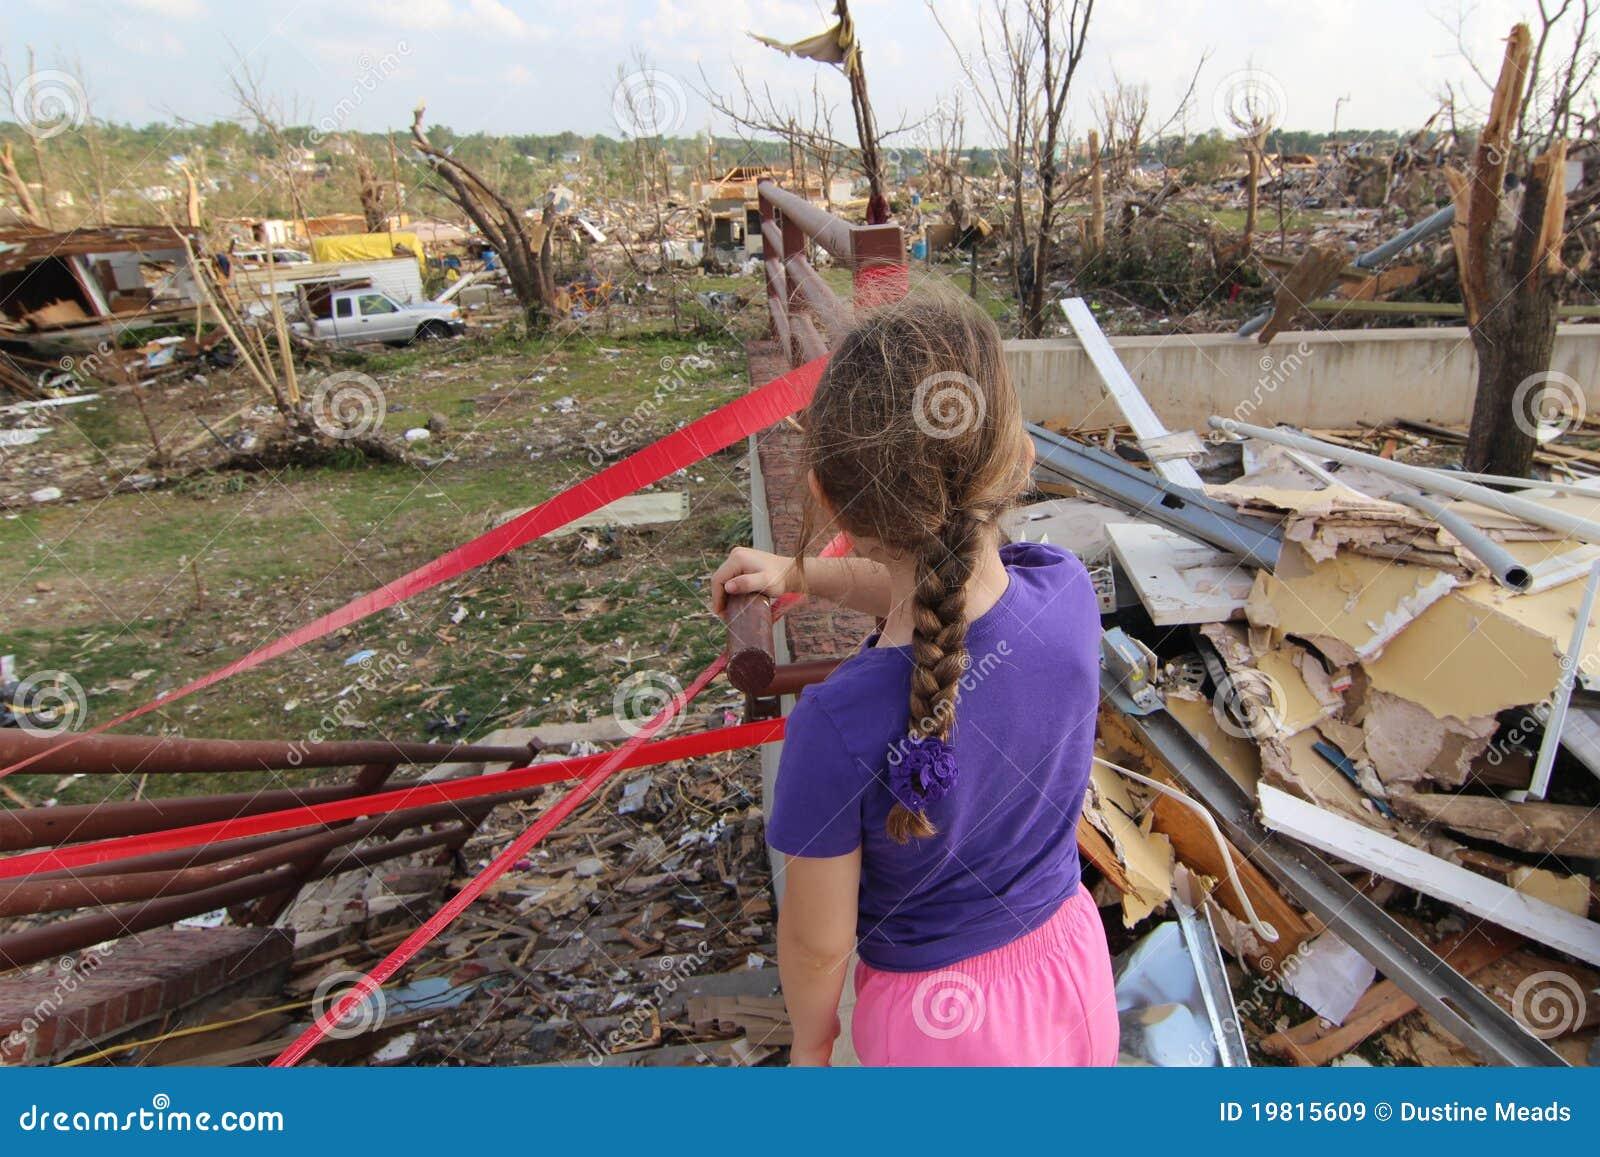 Un futuro incierto en Joplin dañado tornado, MES